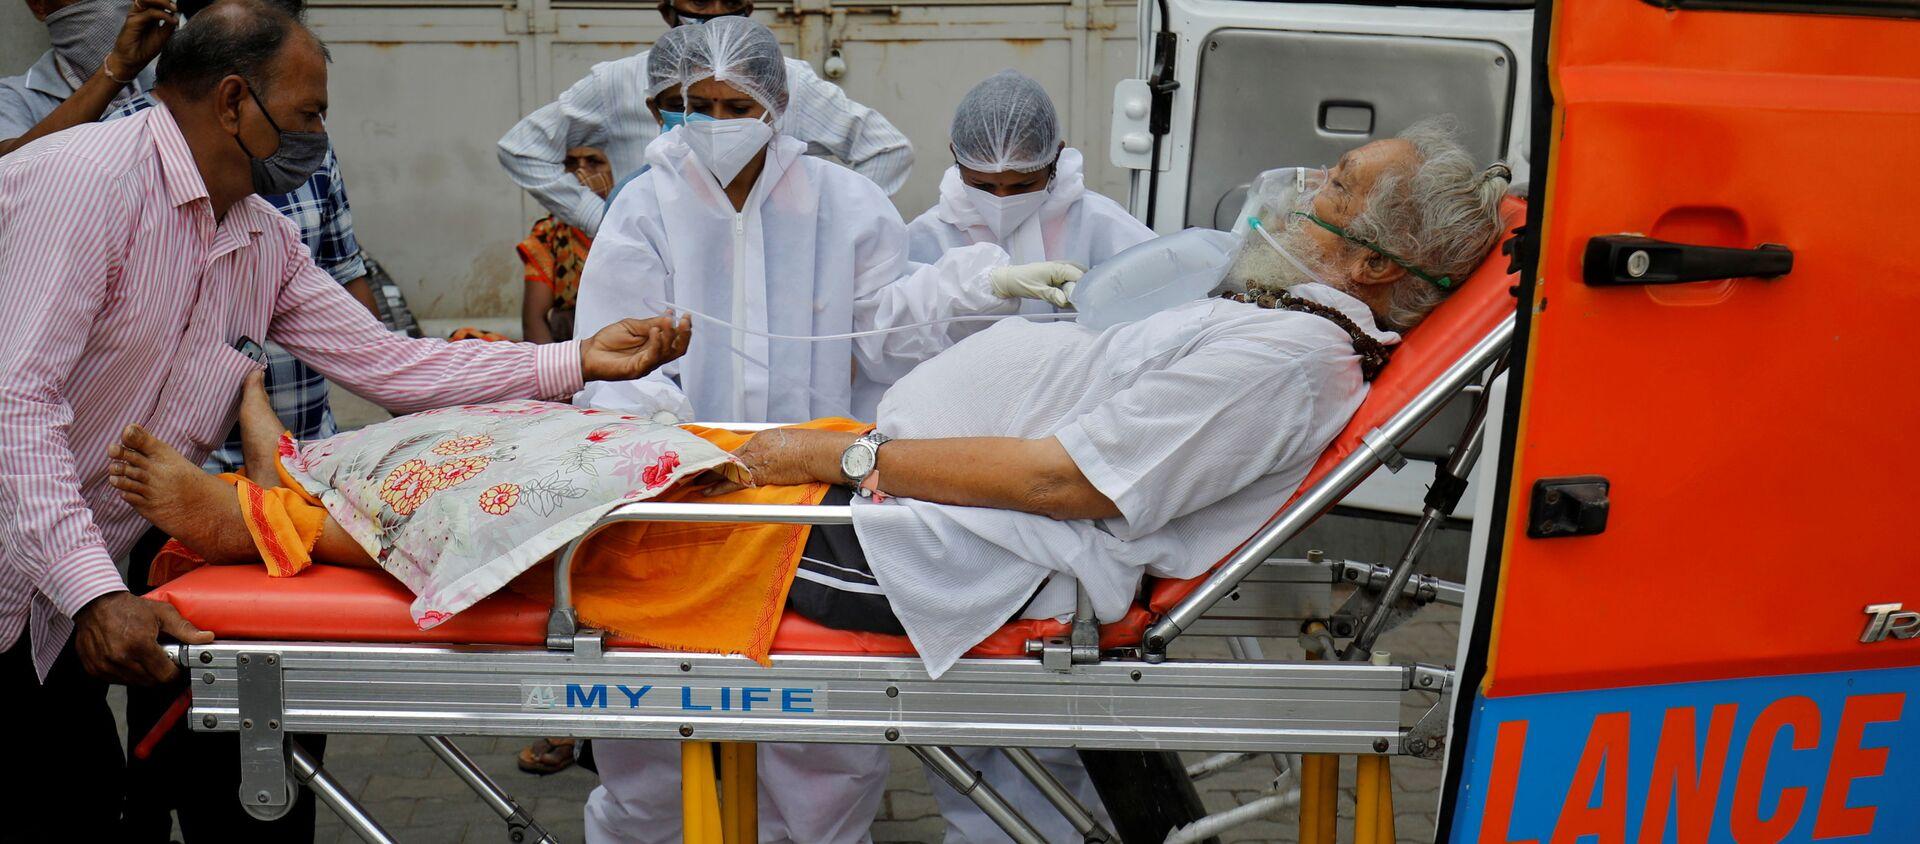 Bệnh nhân đeo mặt nạ dưỡng khí gần bệnh viện chữa trị COVID ở Ấn Độ. - Sputnik Việt Nam, 1920, 29.04.2021